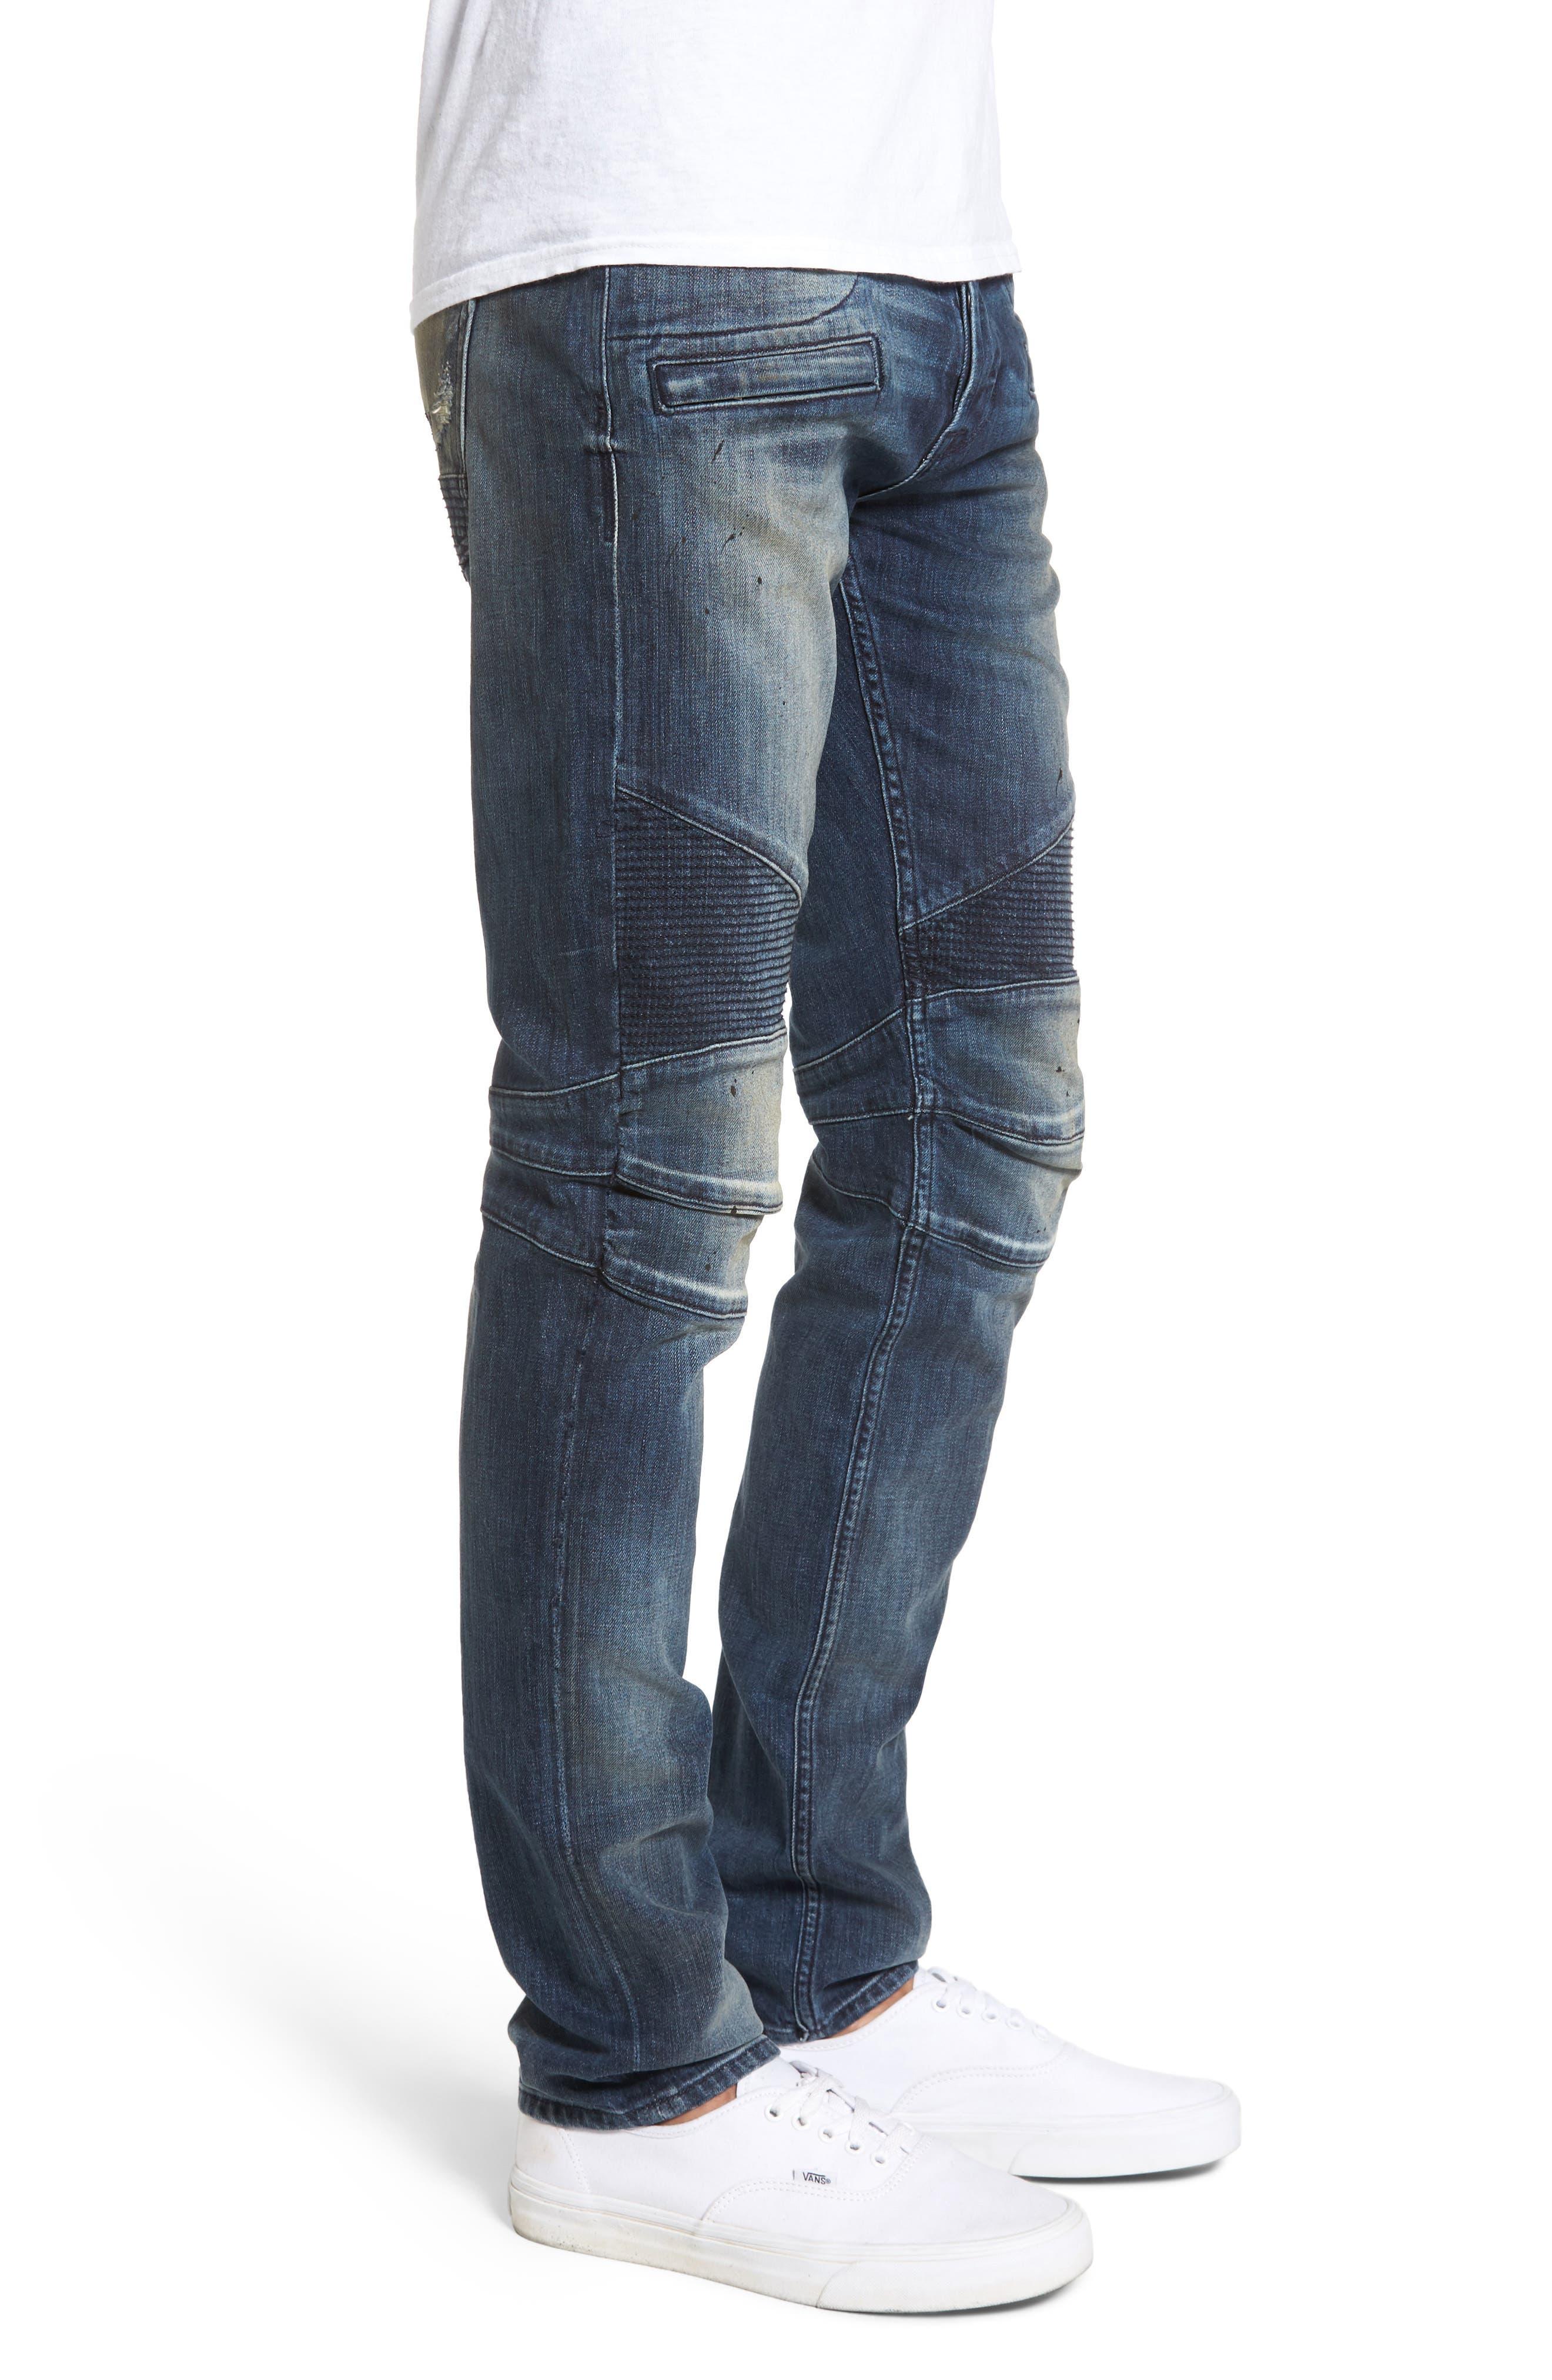 Blinder Biker Moto Skinny Fit Jeans,                             Alternate thumbnail 3, color,                             Babylon